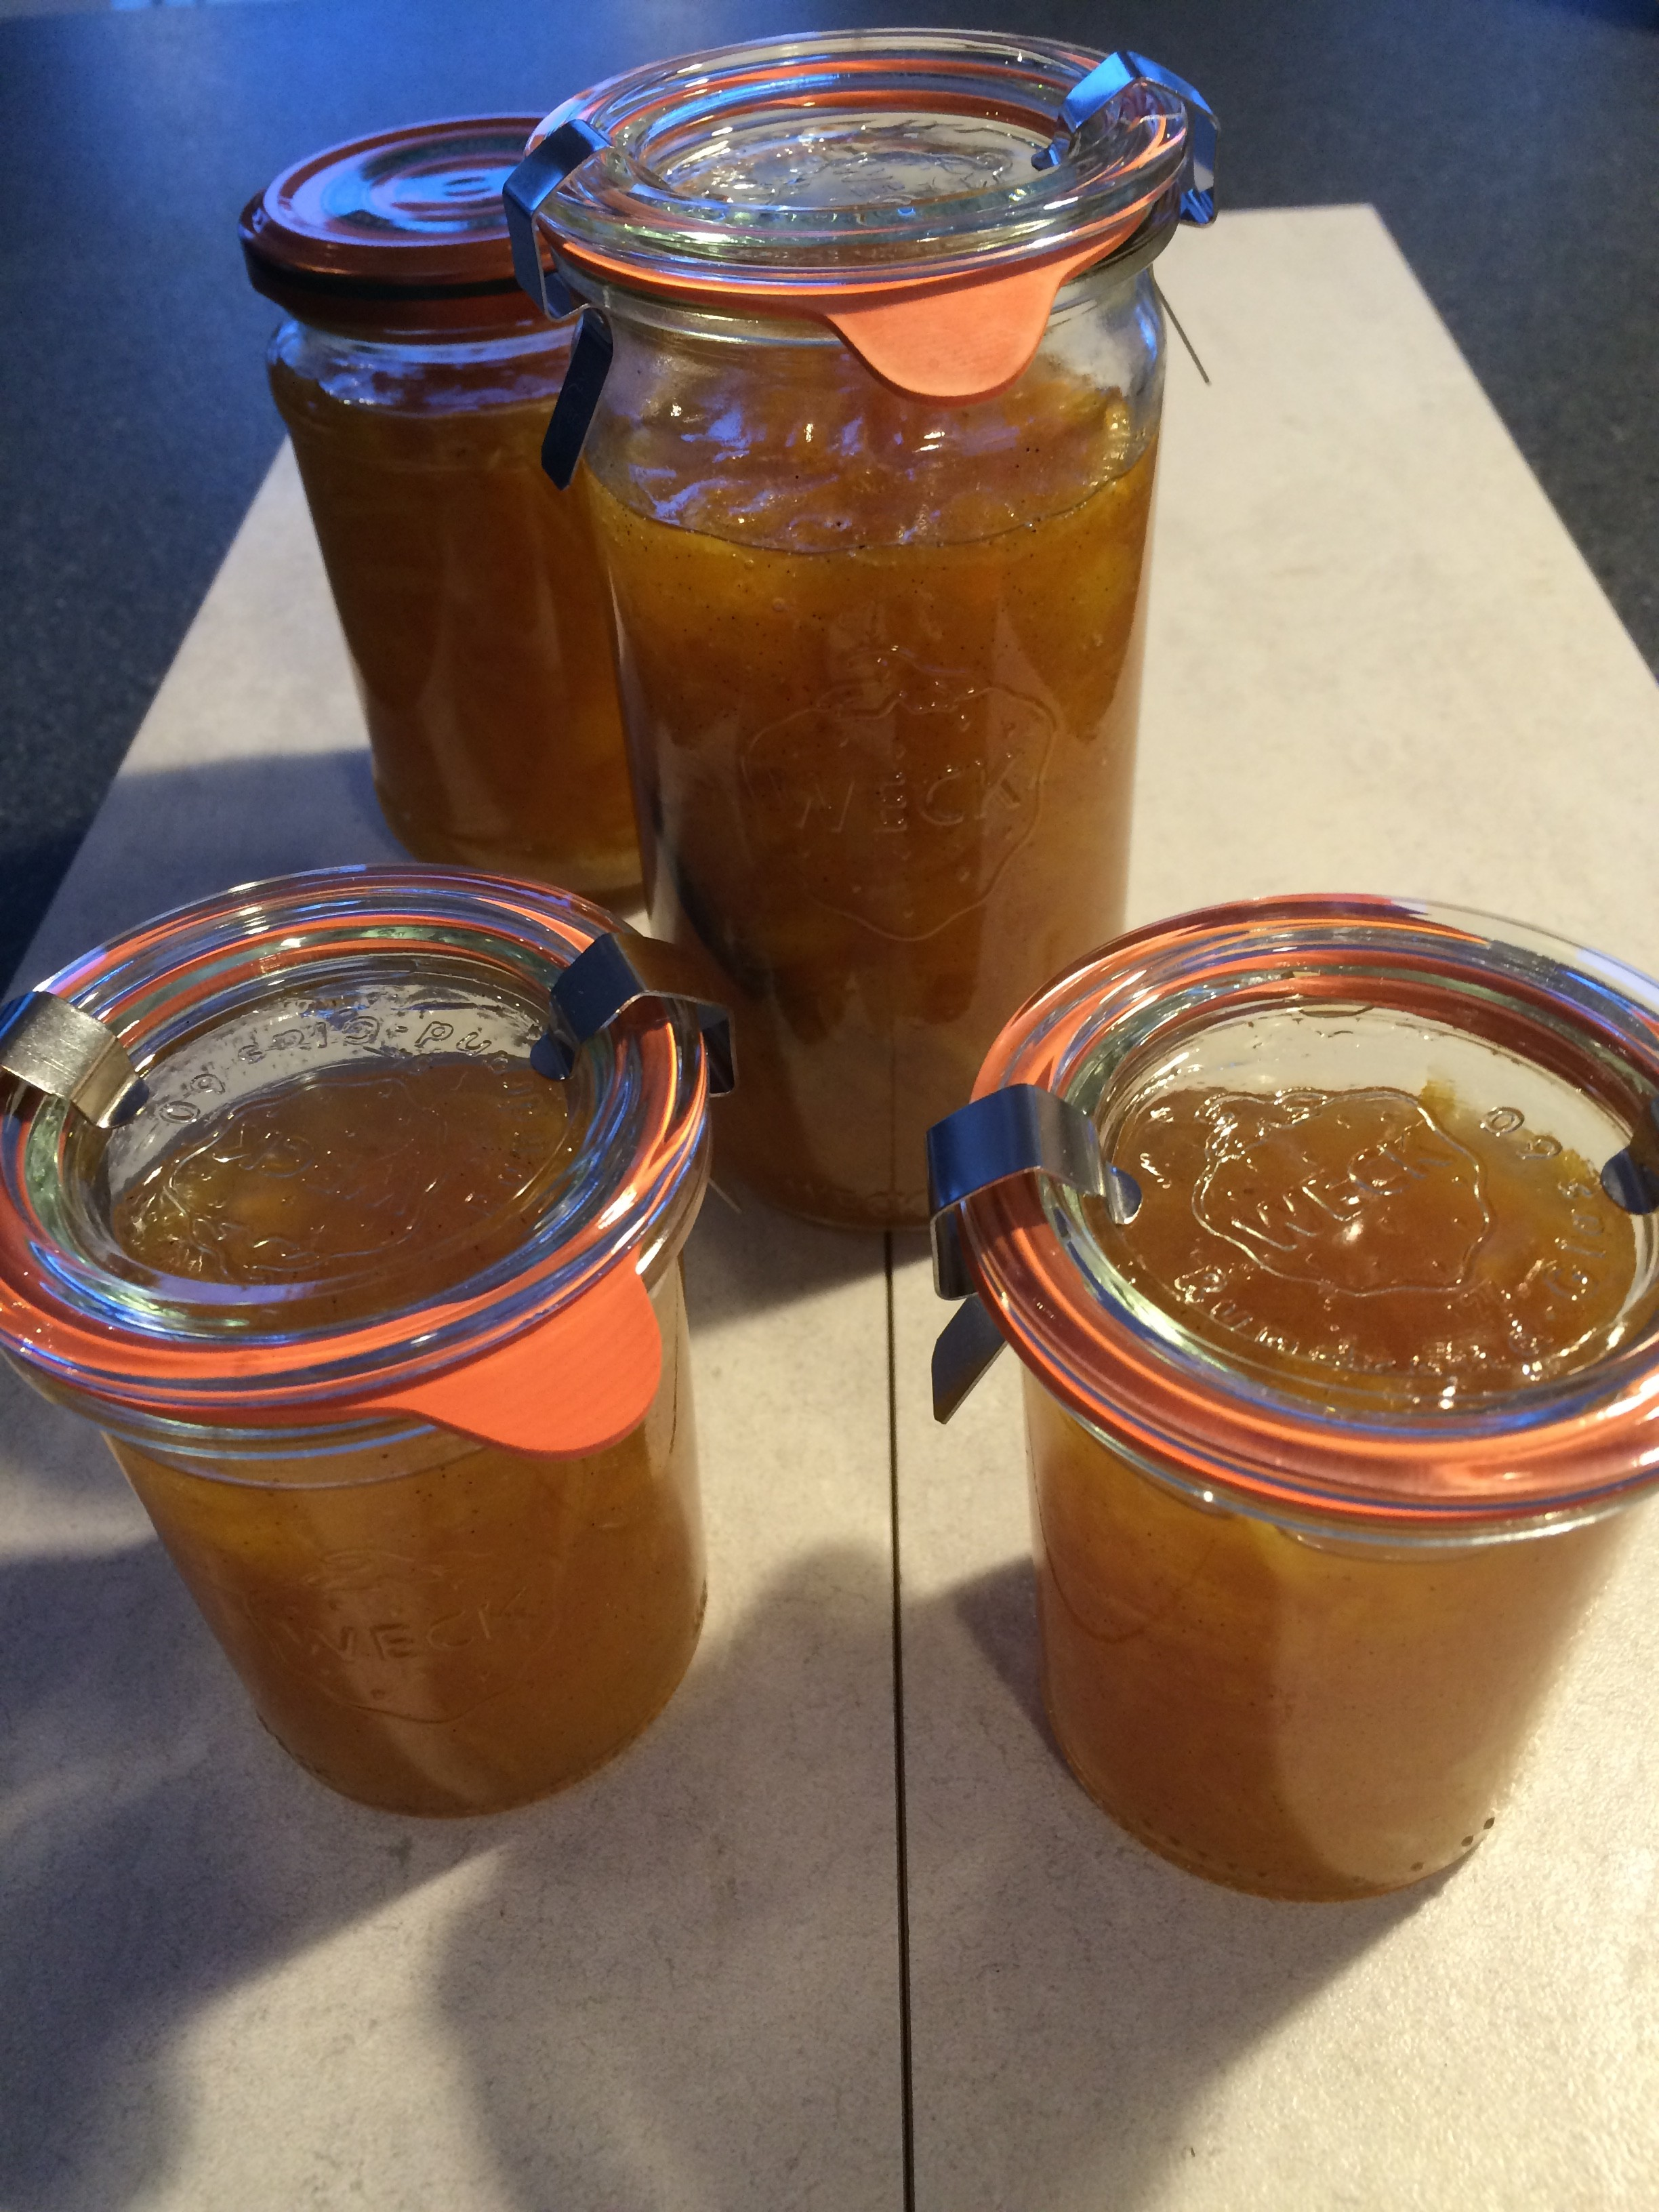 appelsinmarmelade efter MChr